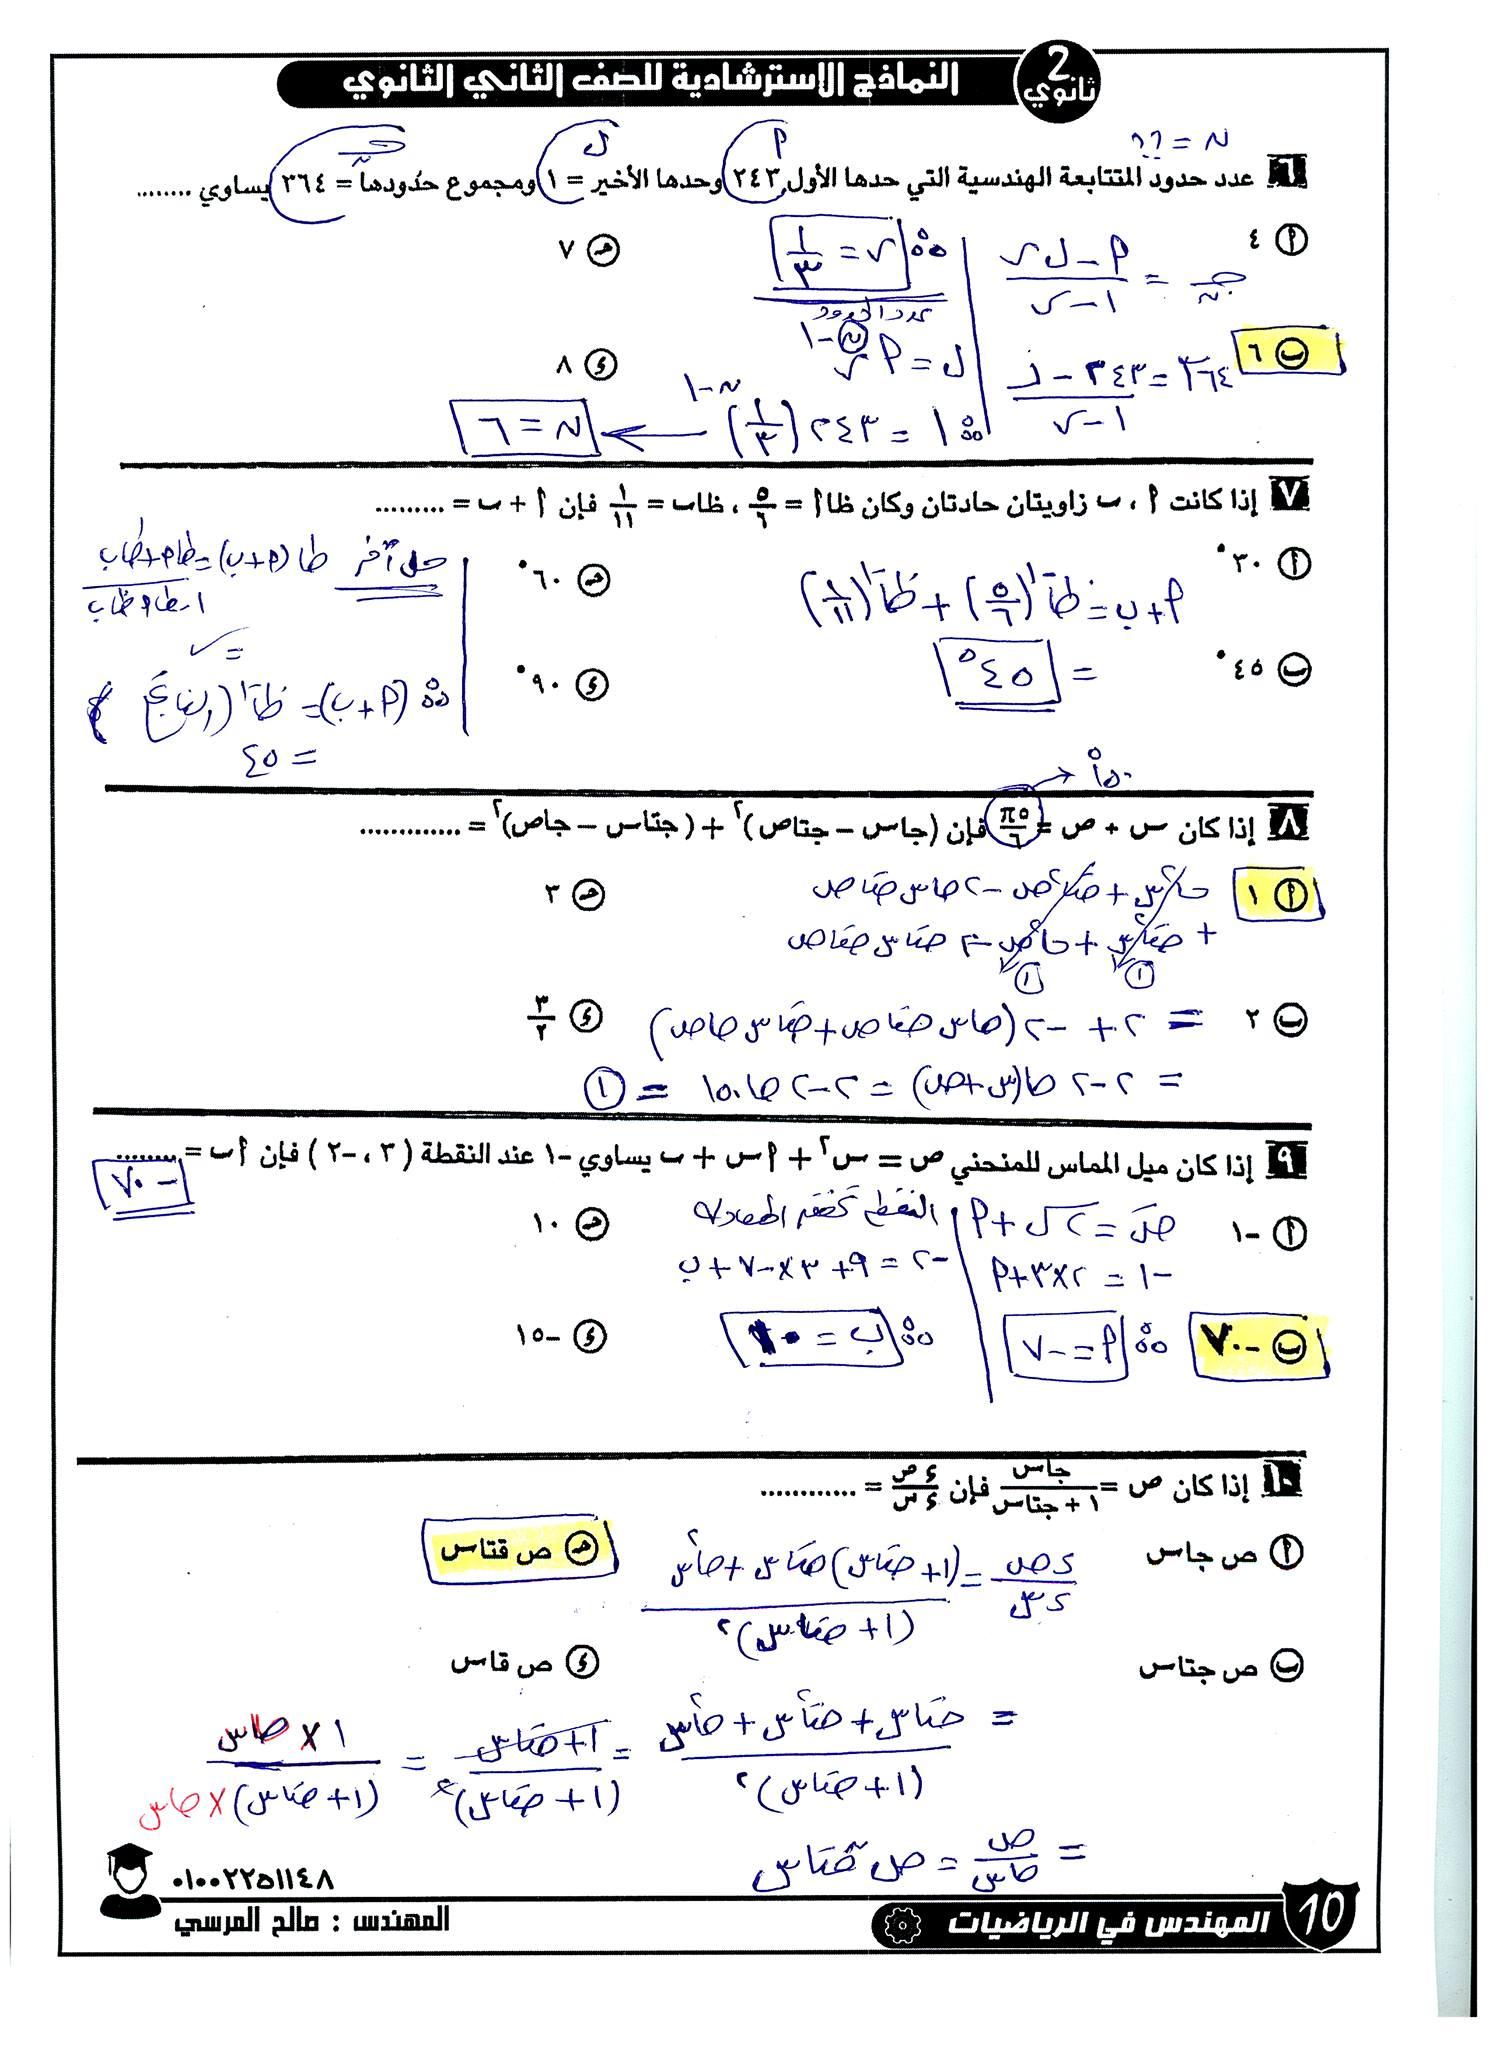 مراجعة ليلة امتحان الرياضيات البحتة للصف الثاني الثانوي بالاجابات 10